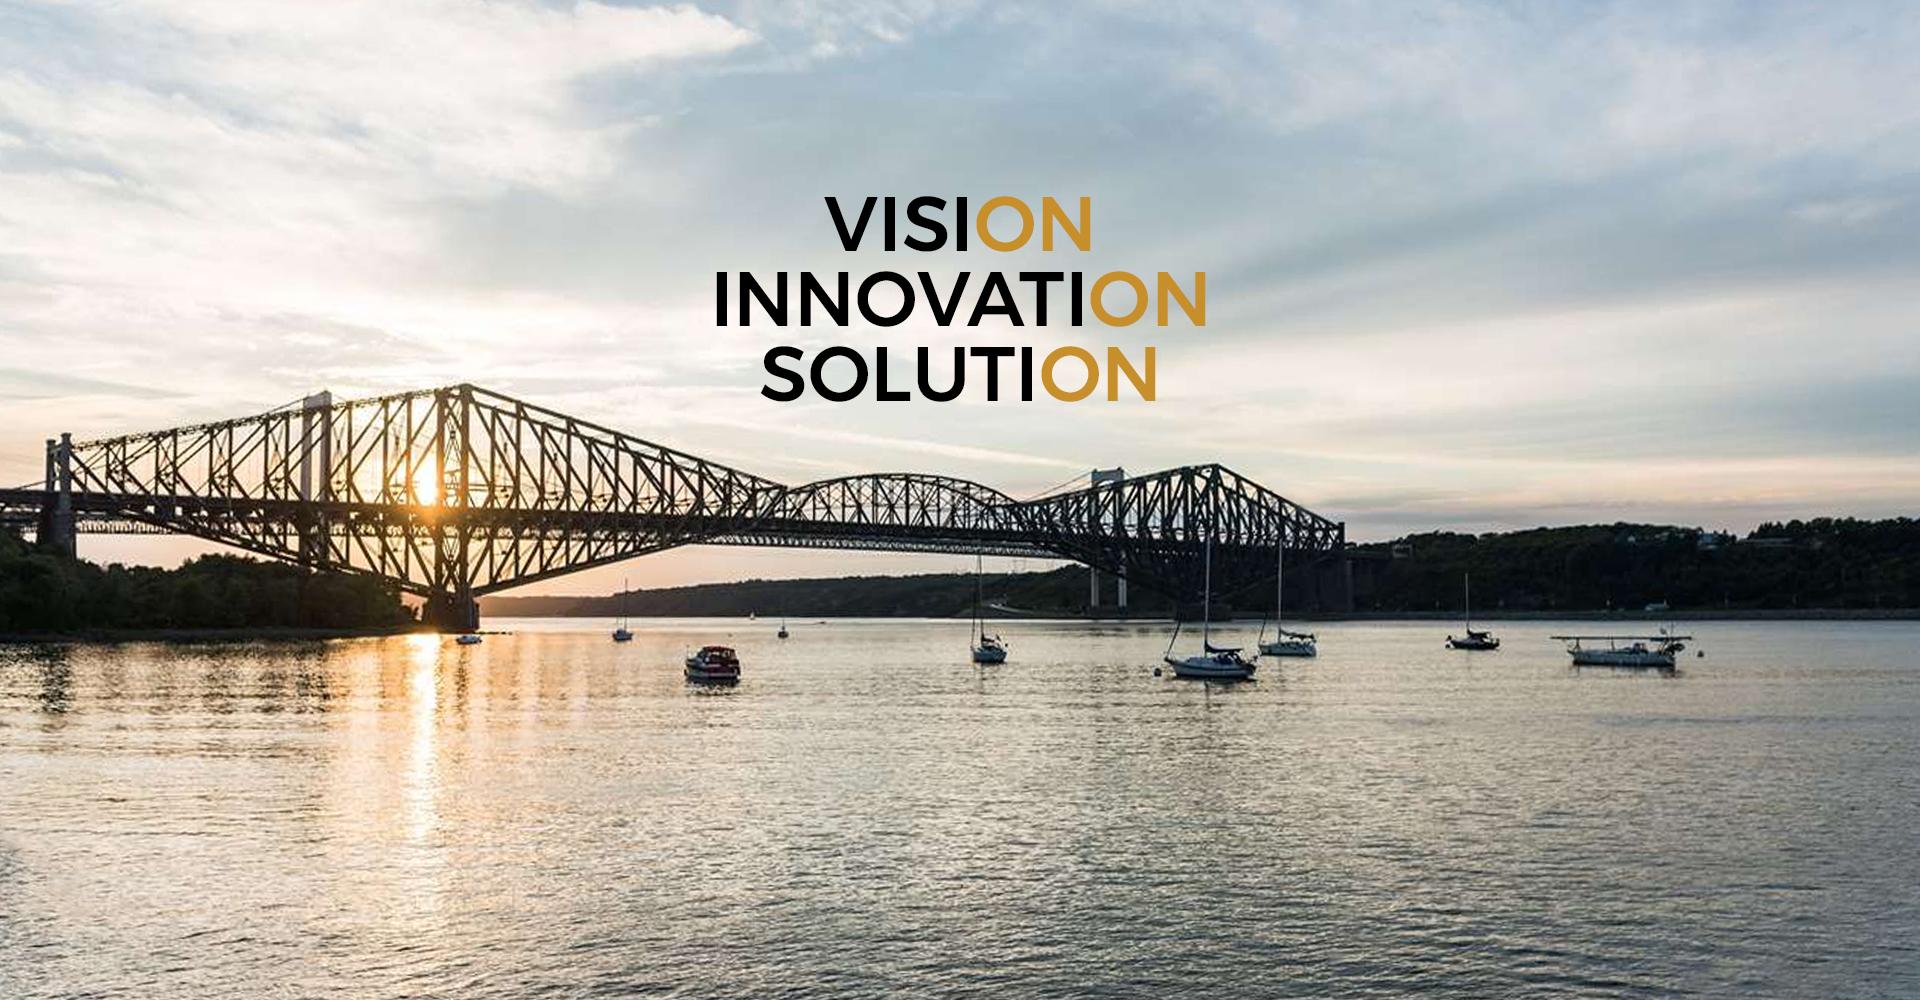 VISION | INNOVATION | SOLUTION